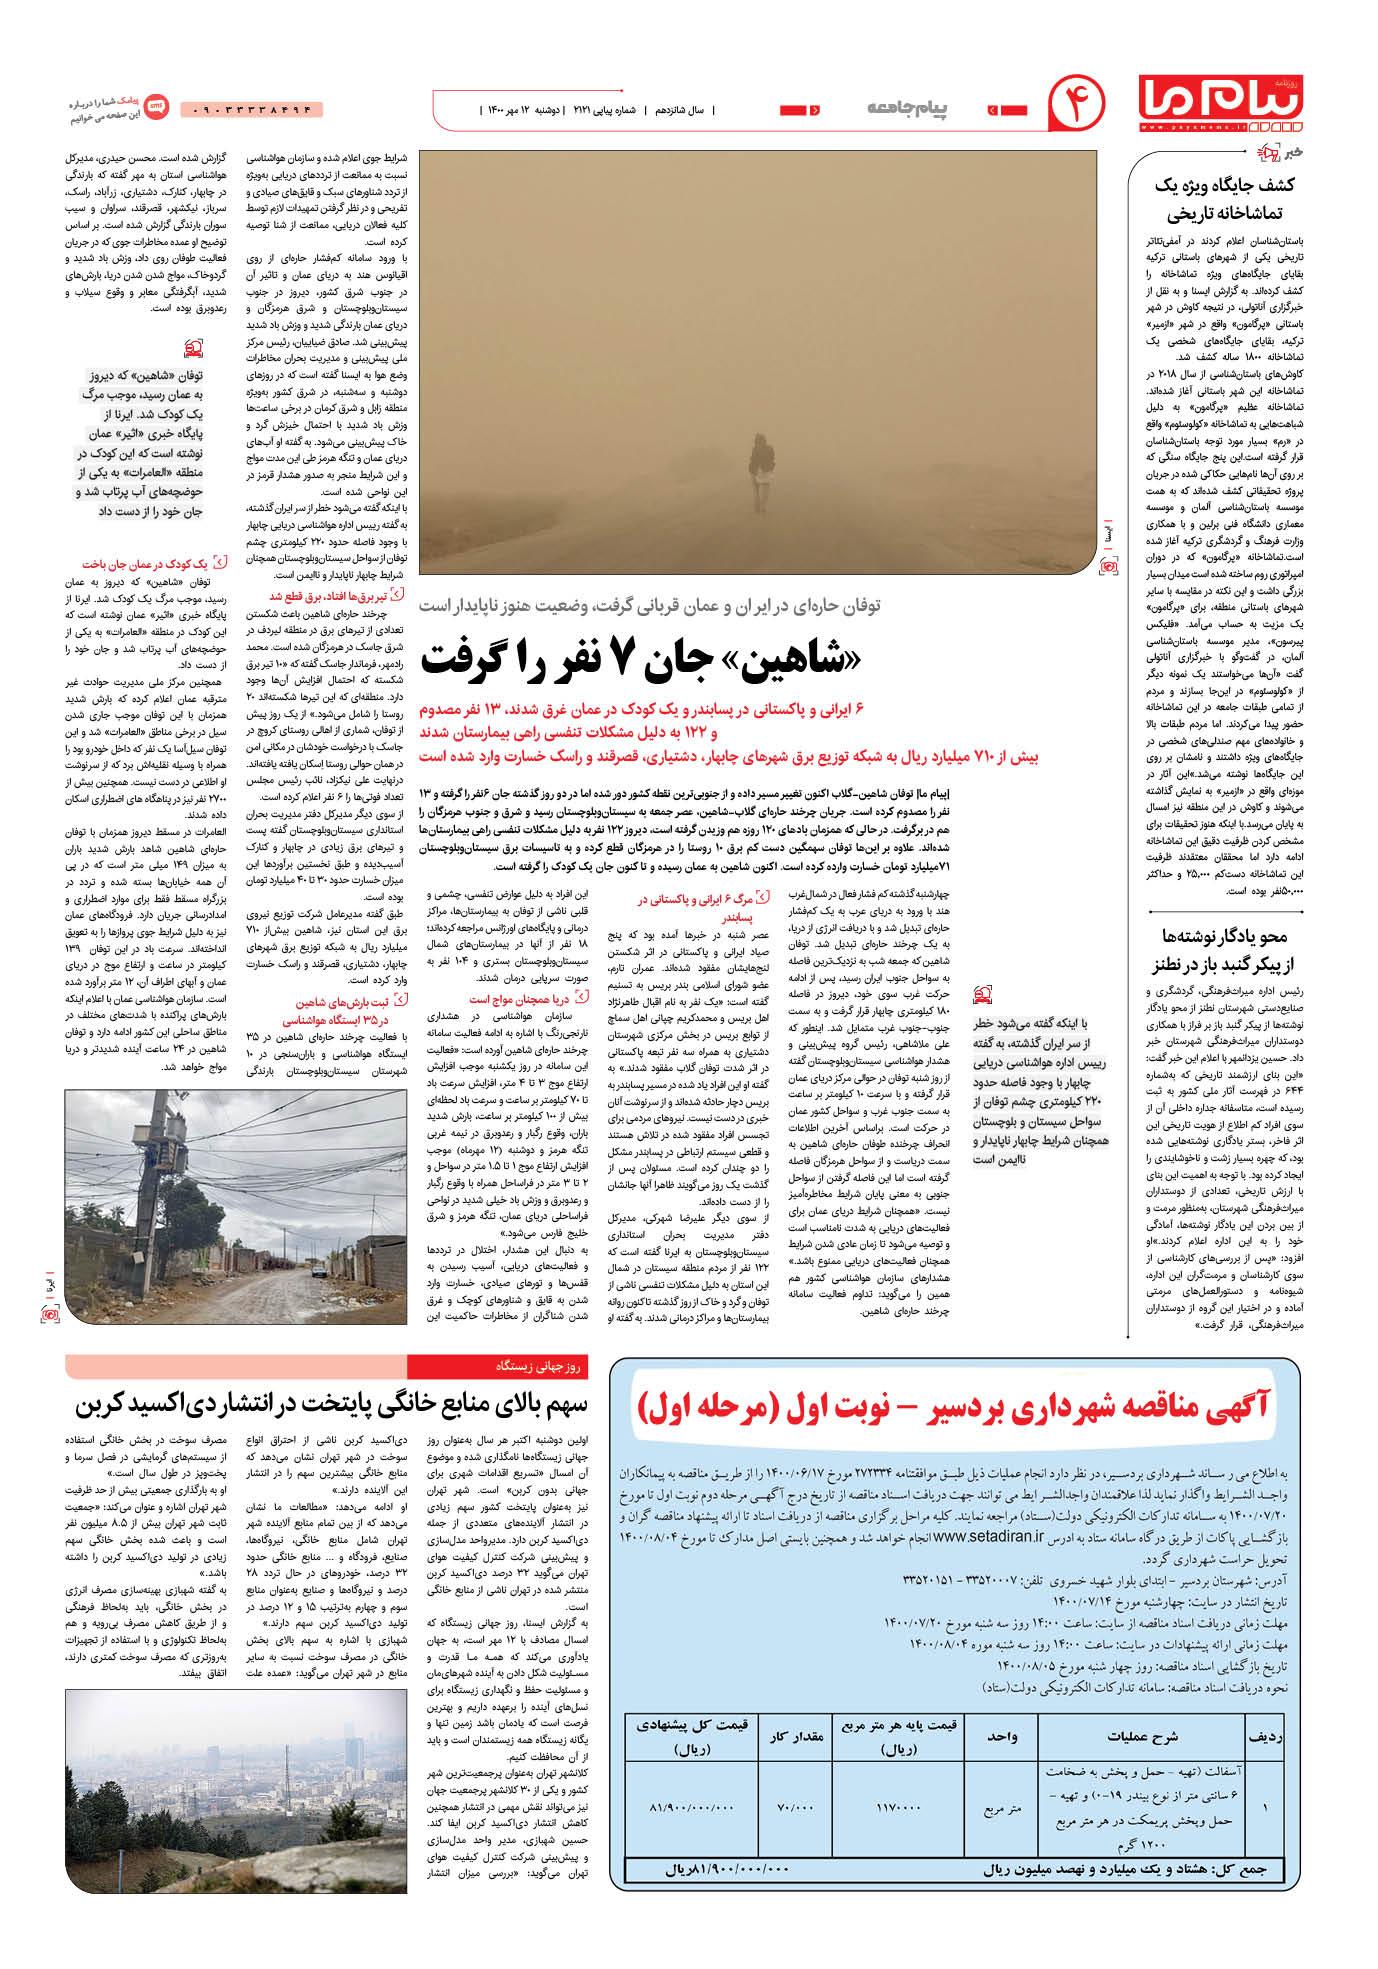 صفحه پیام جامعه شماره 2121 روزنامه پیام ما